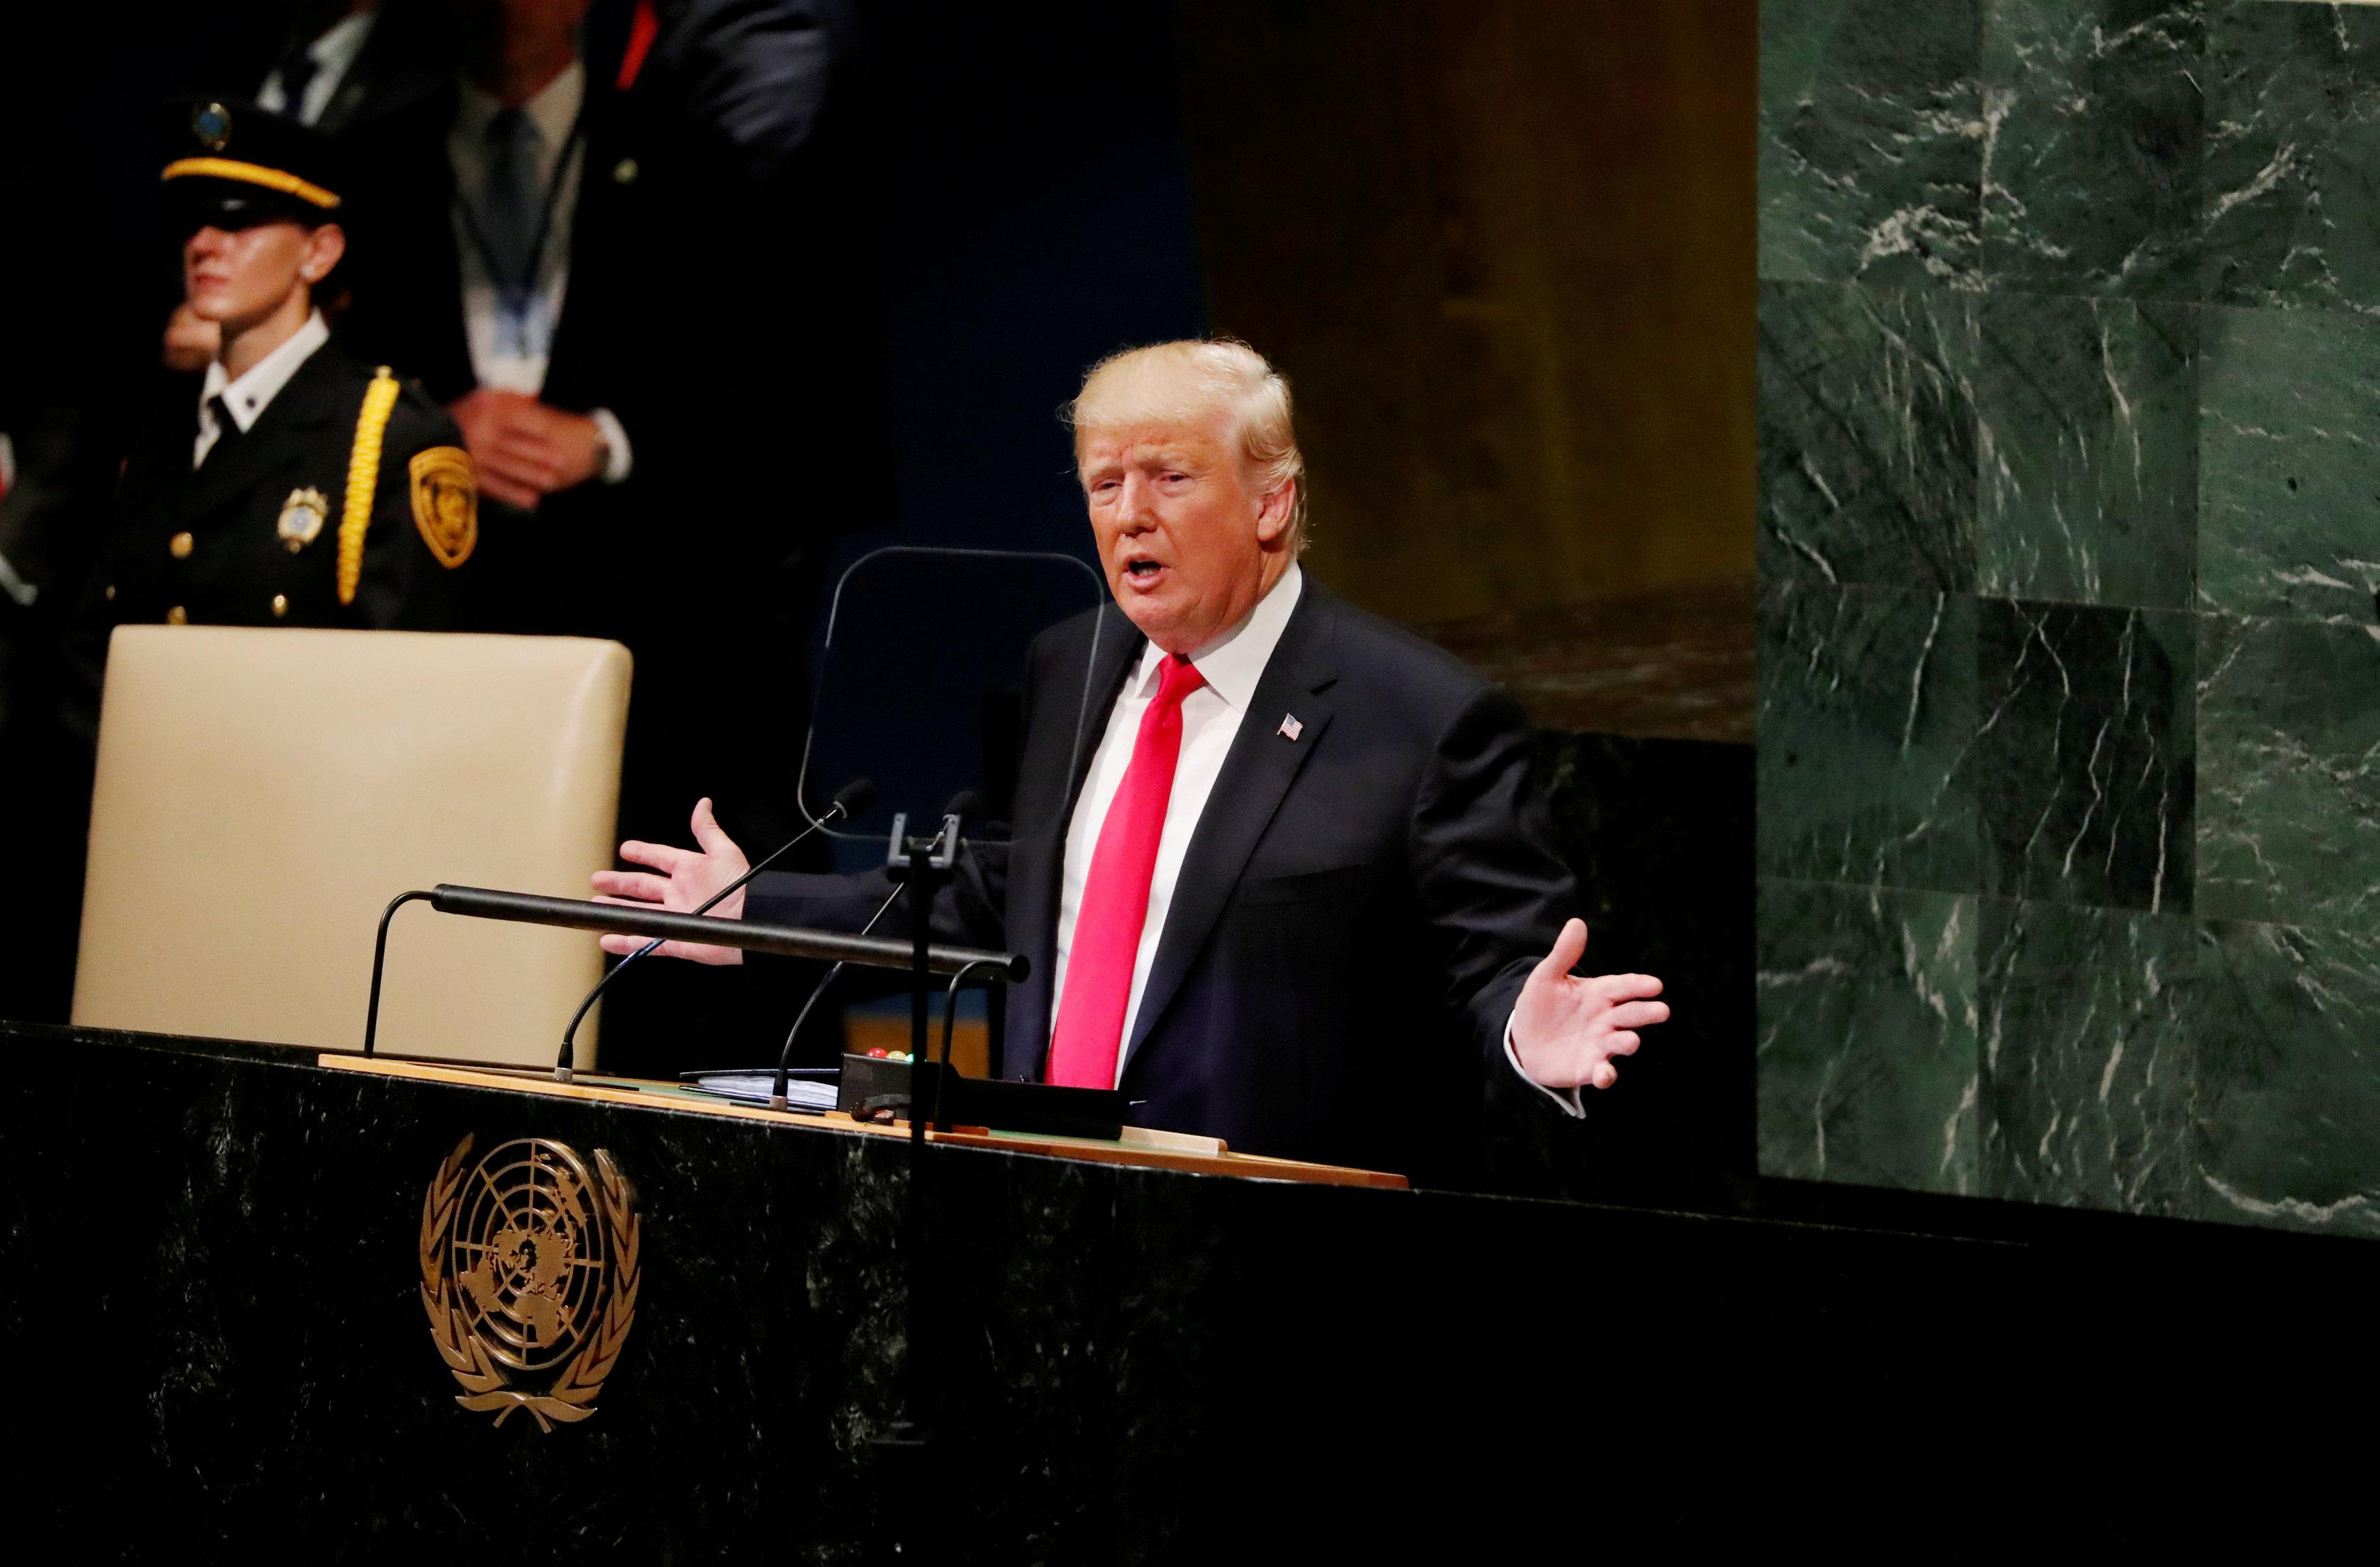 أعنفها اليوم بالأمم المتحدة... هذه أهم قذائف ترامب باتجاه أوبك